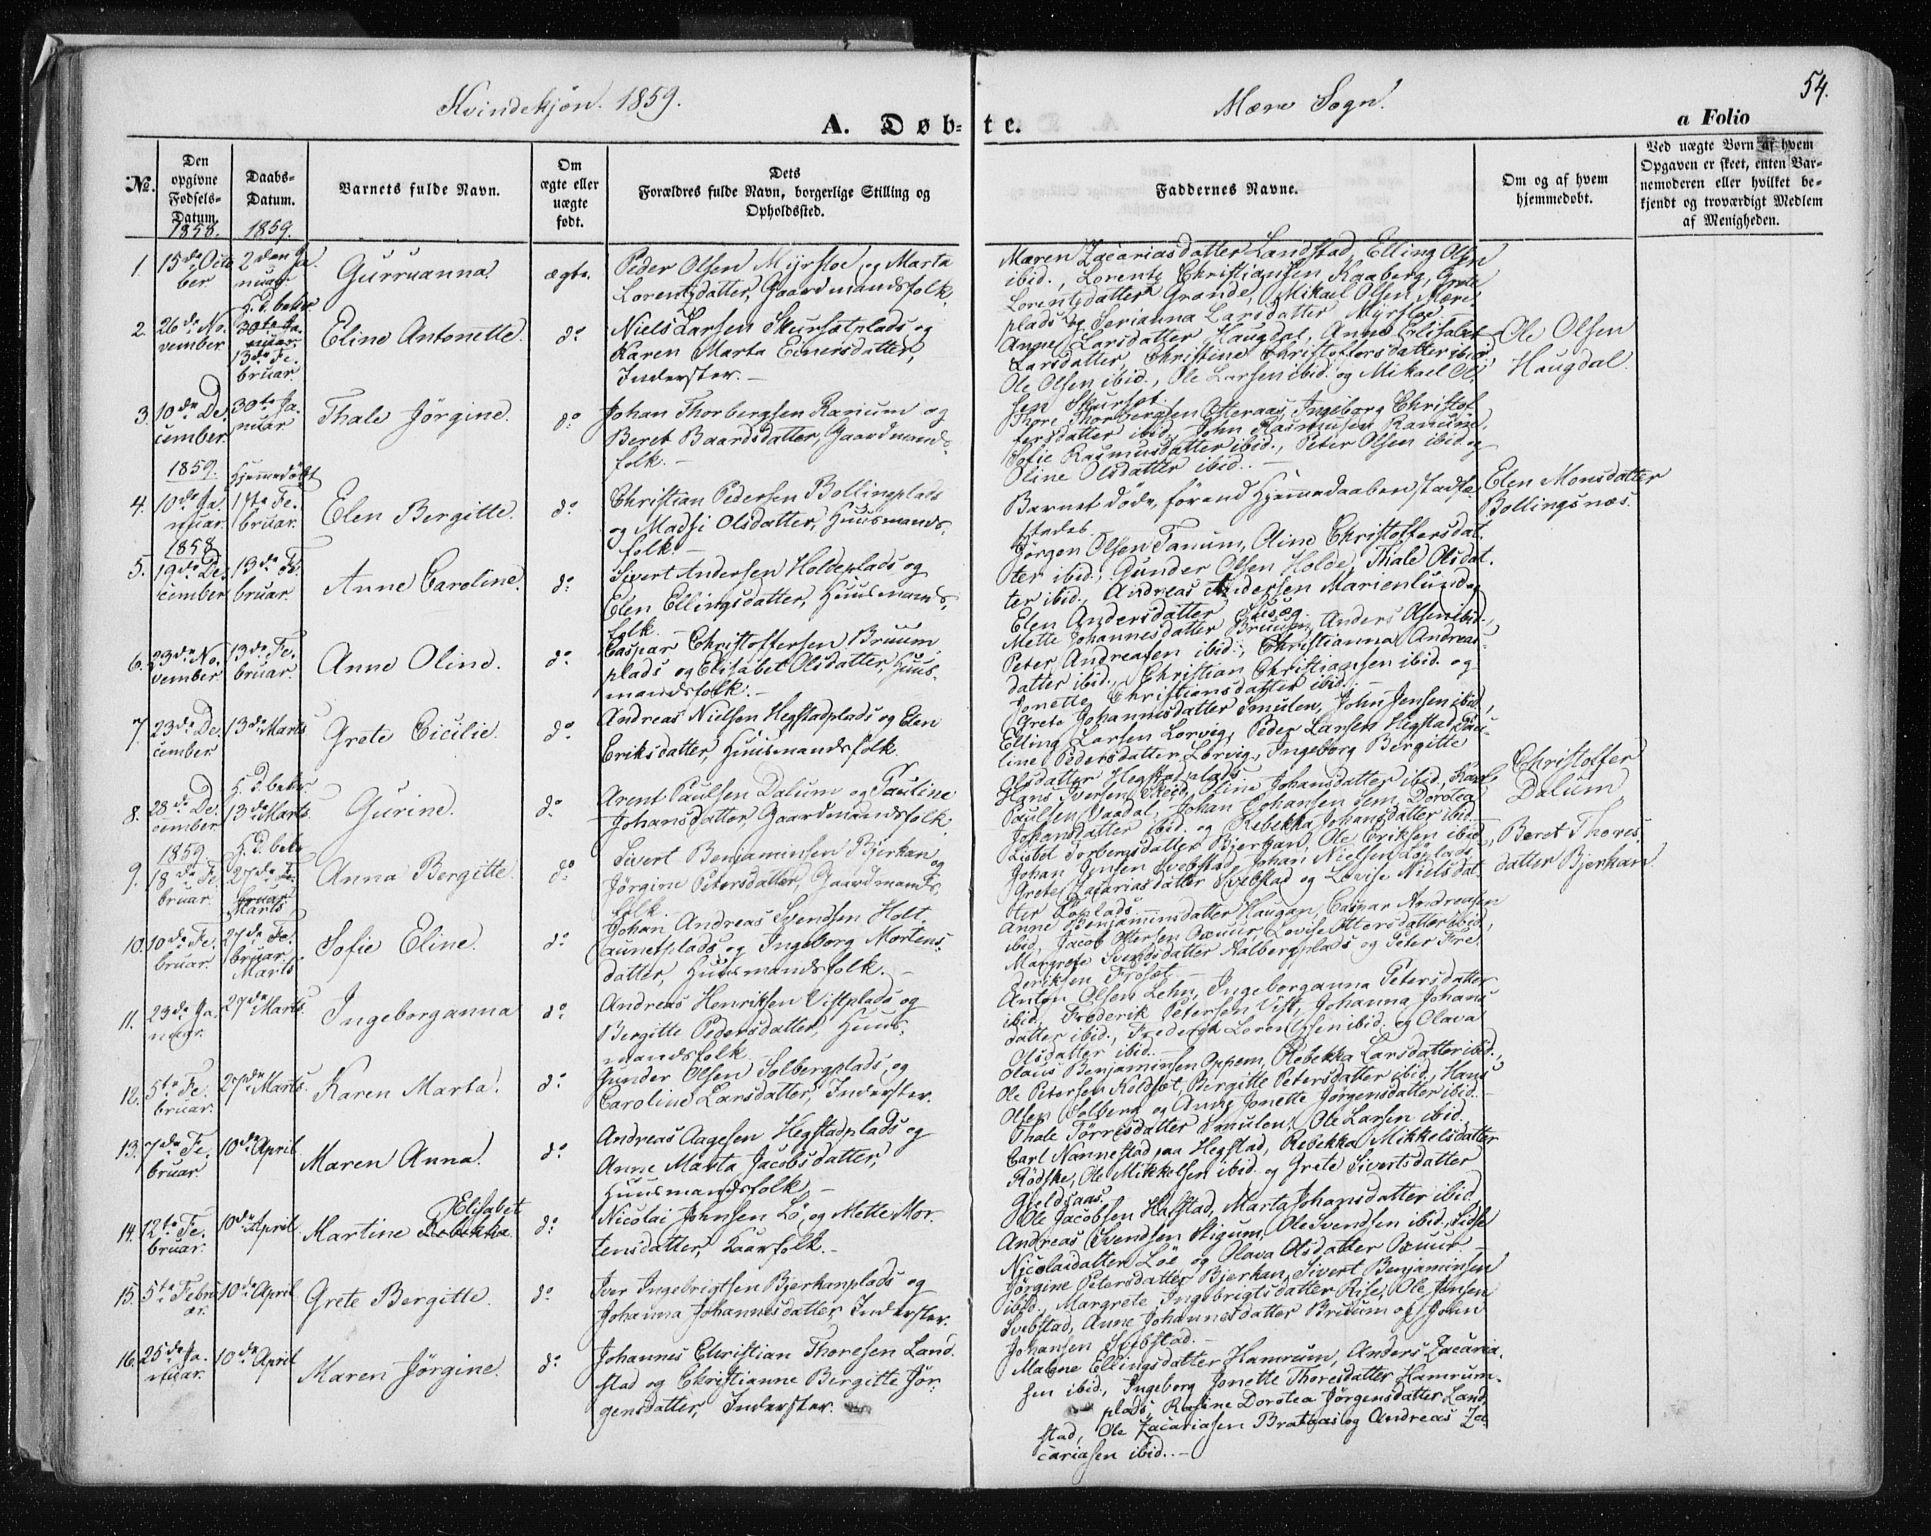 SAT, Ministerialprotokoller, klokkerbøker og fødselsregistre - Nord-Trøndelag, 735/L0342: Ministerialbok nr. 735A07 /1, 1849-1862, s. 54